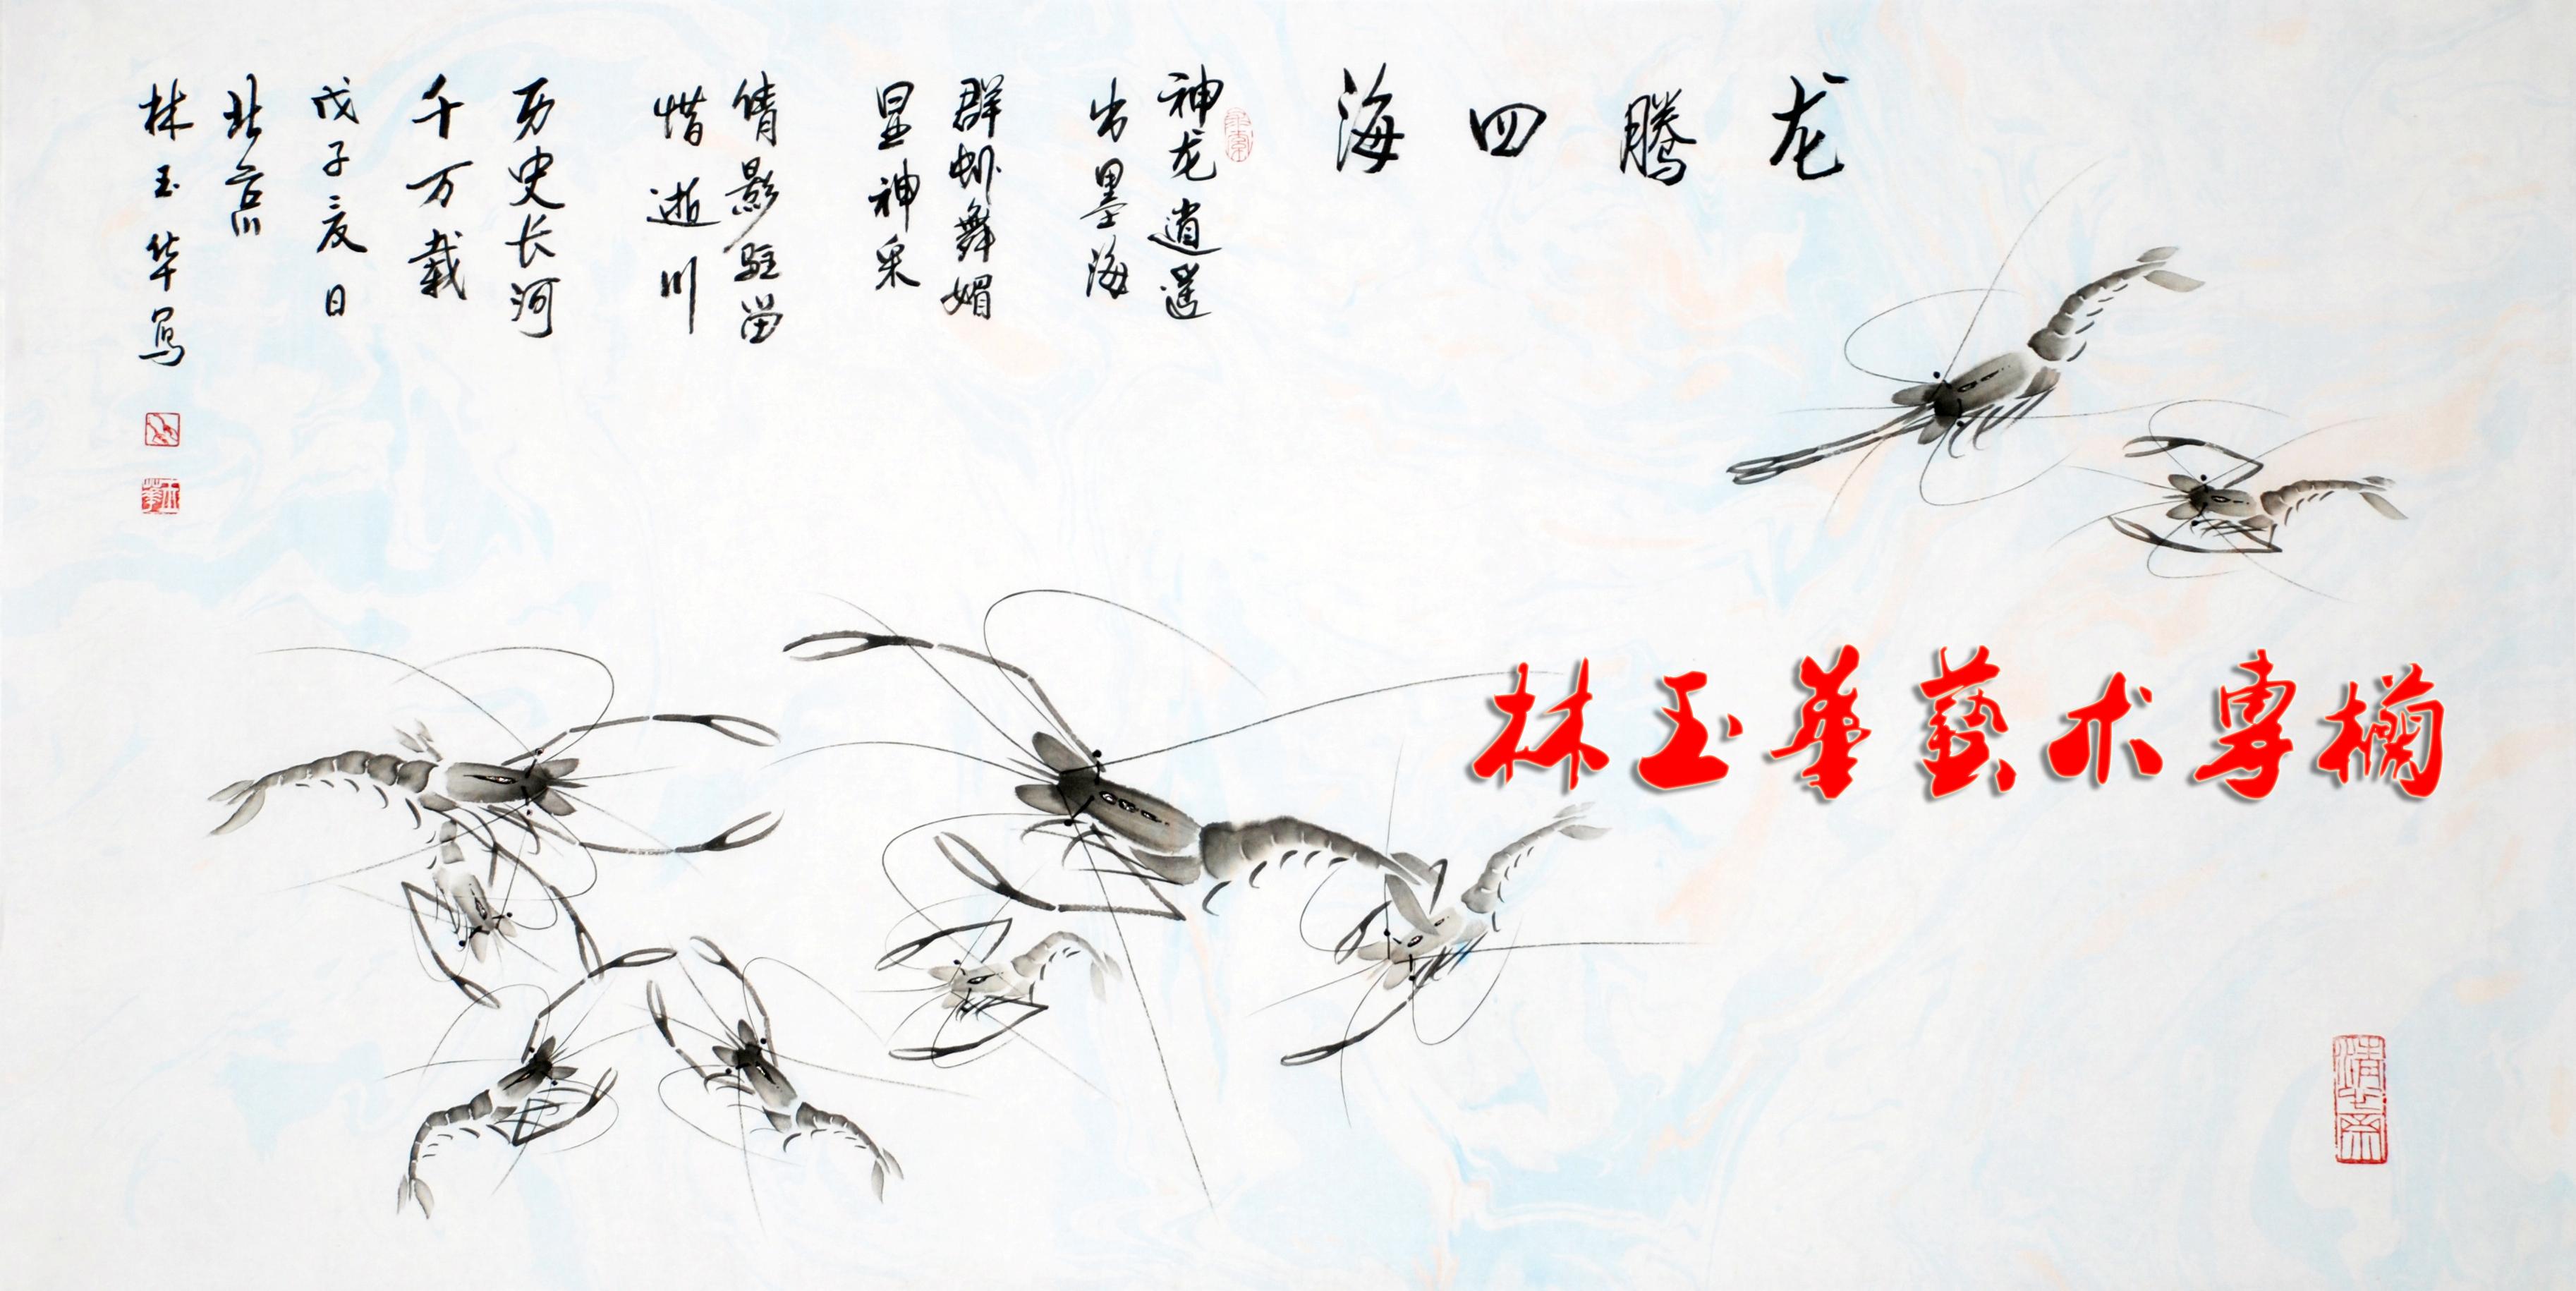 林玉华艺术专栏